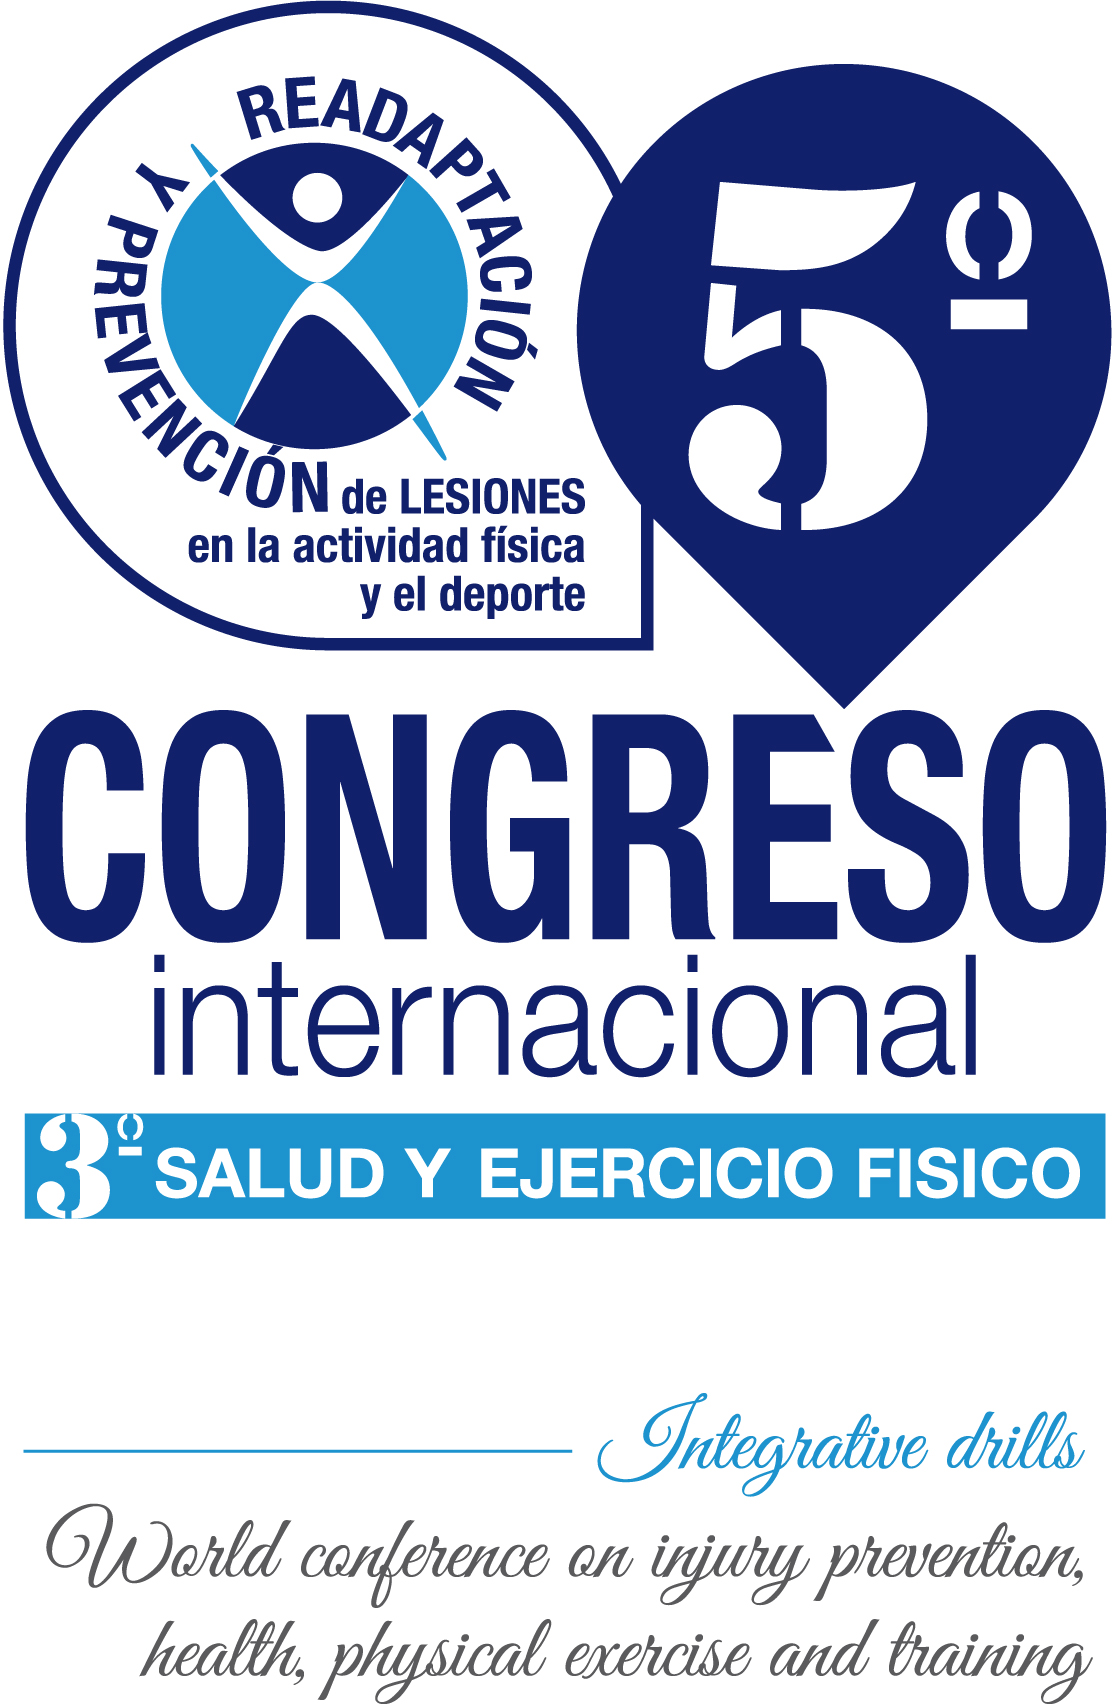 V Congreso internacional, Salud y Ejercicio Físico